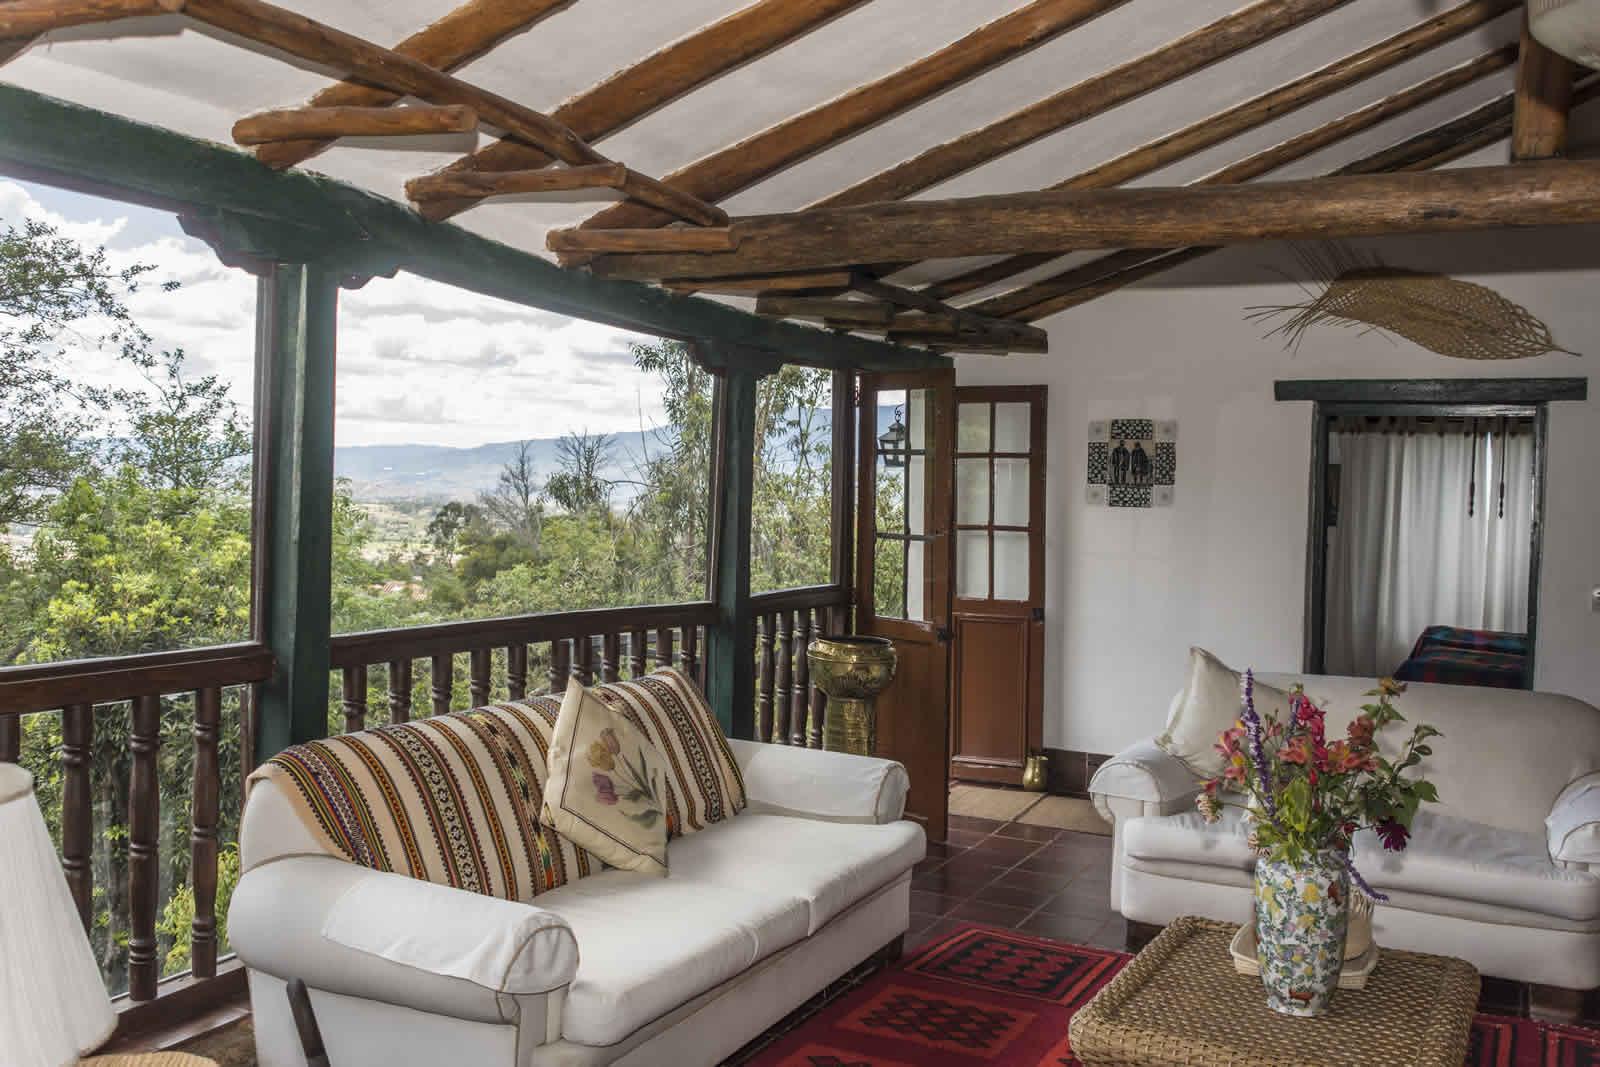 Alquiler casa Pozo Azul en Villa de Leyva - Sala